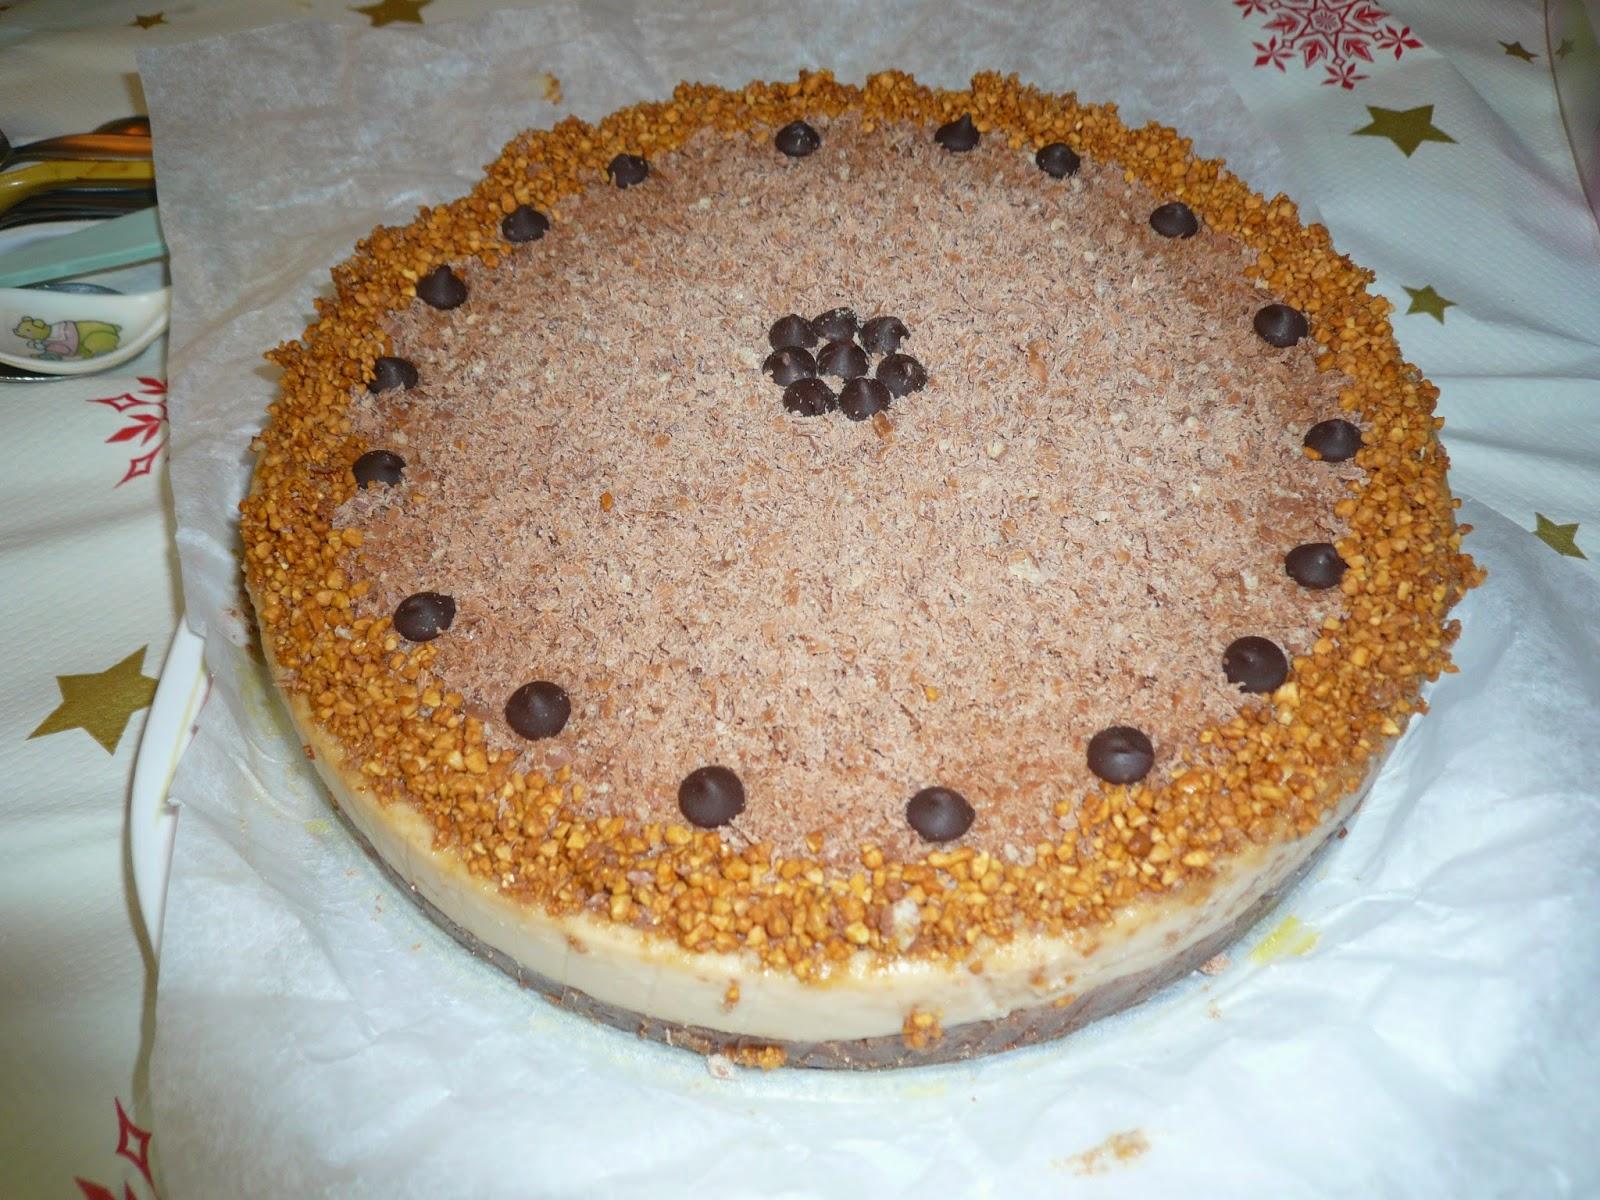 tarta fresca de turrón, tarta de turrón, tarta, turrón, tarta fresca